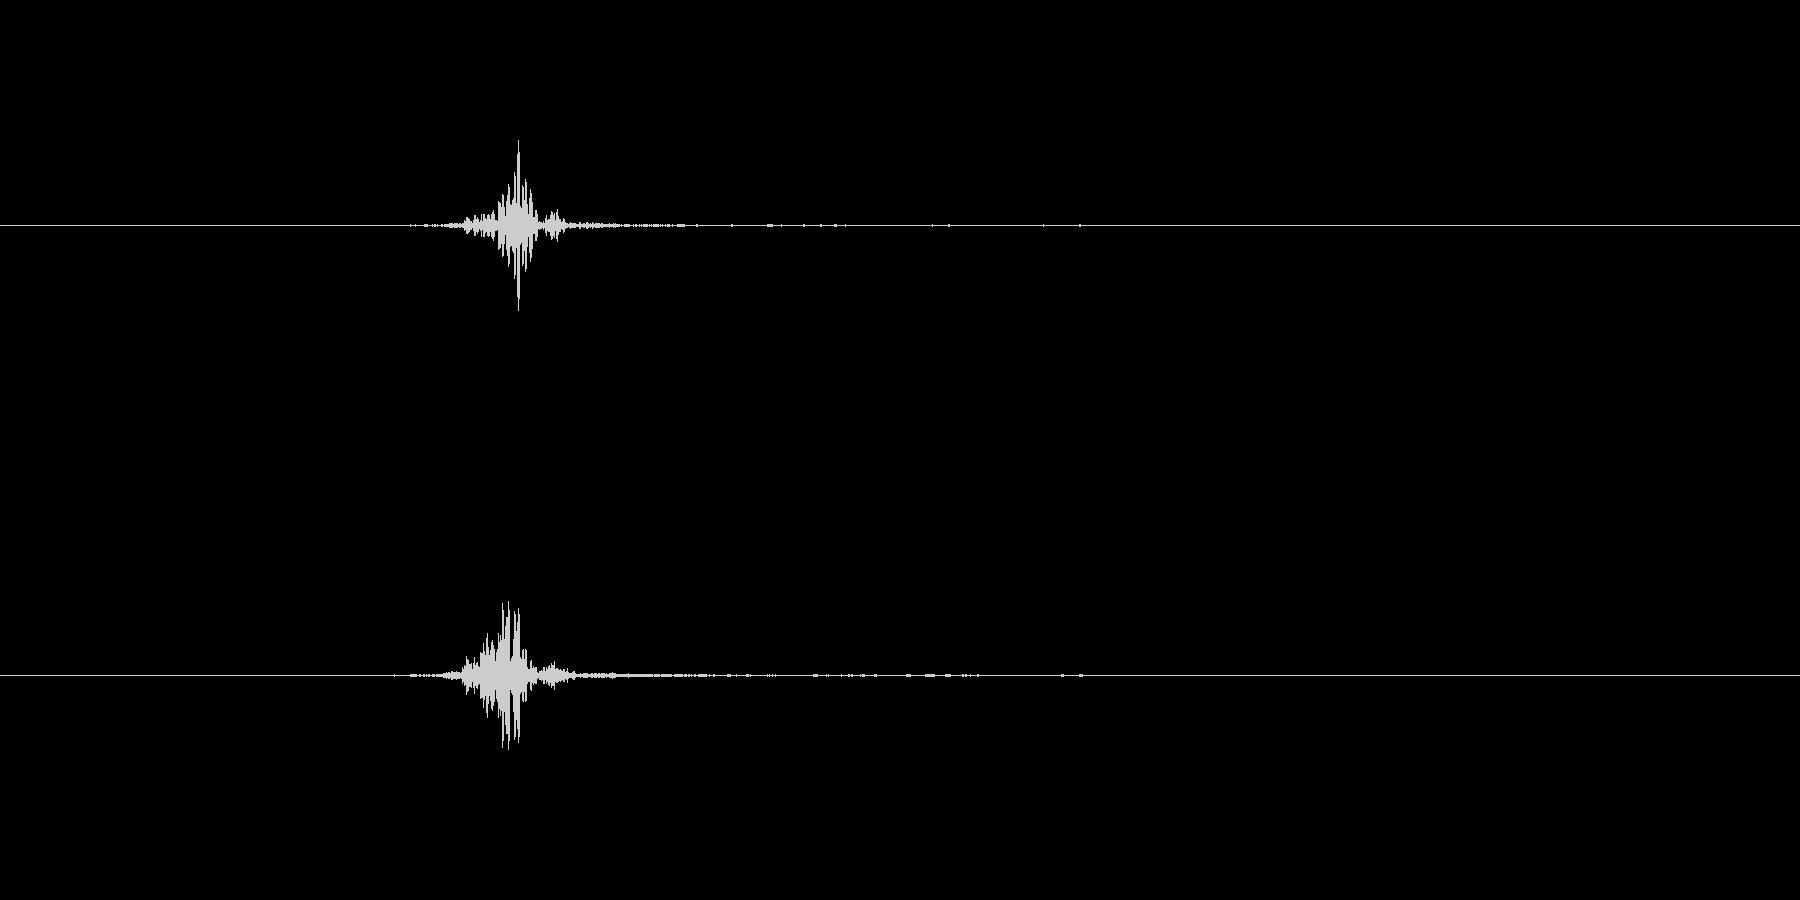 シュン ブワッ 風切り音 の未再生の波形